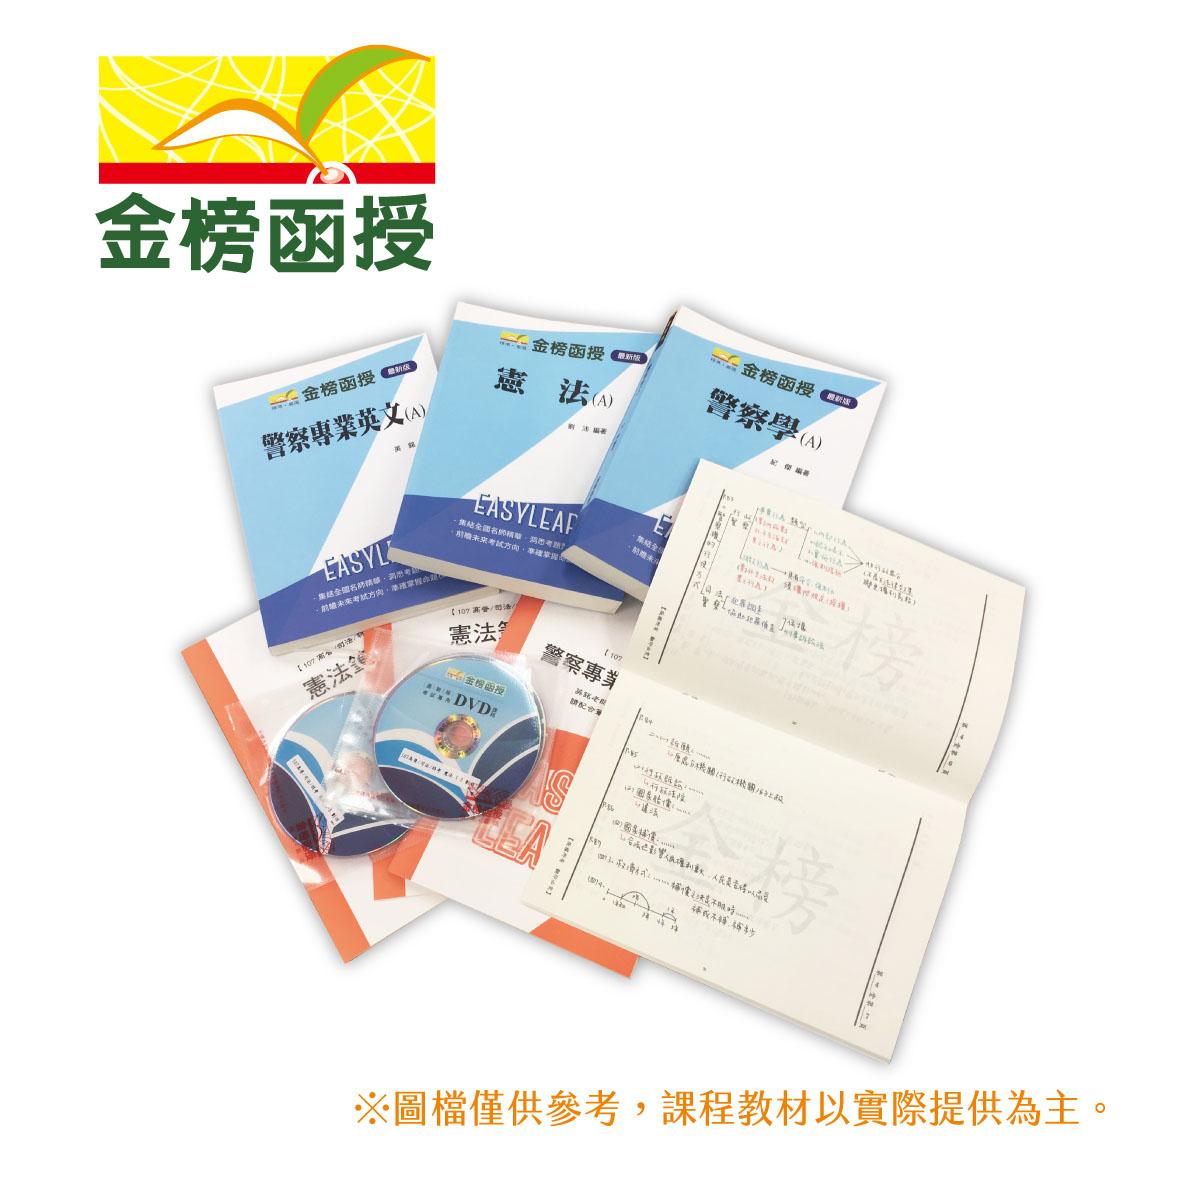 108金榜函授/初等考/全套/社会行政/MP3